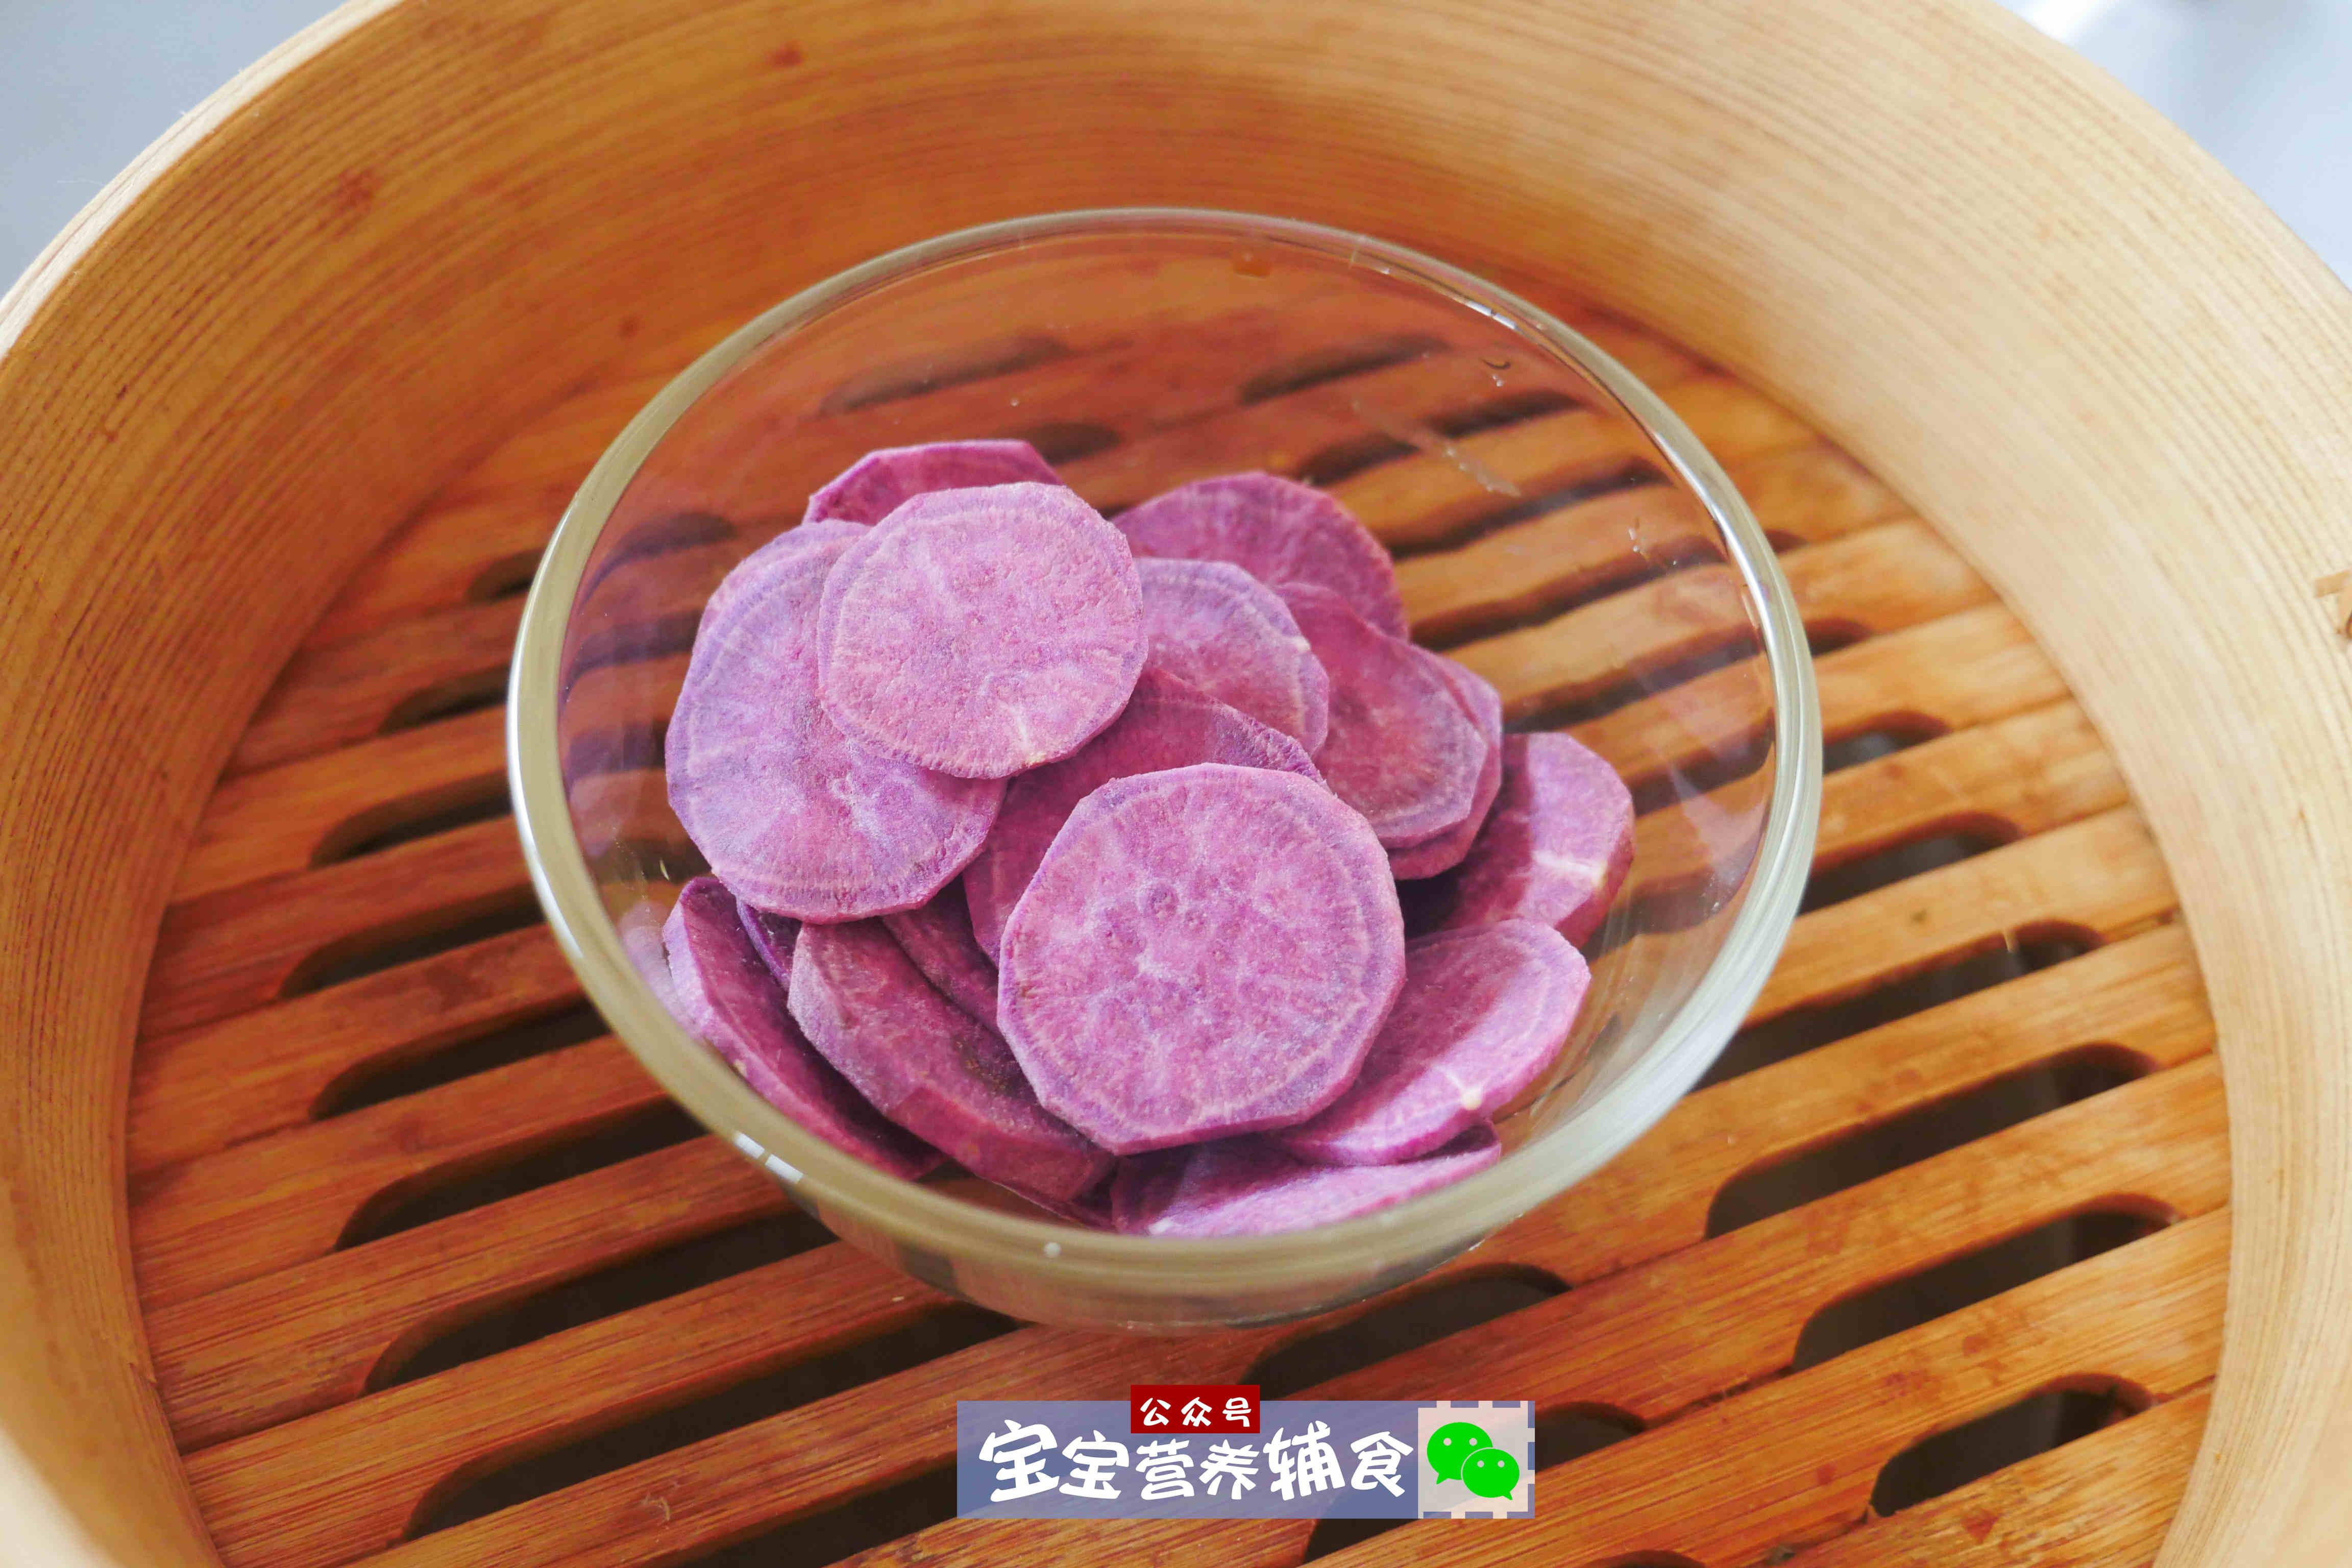 美食-免费yoqq紫薯爆浆燕麦方~宝宝辅食yoqq资源(7)